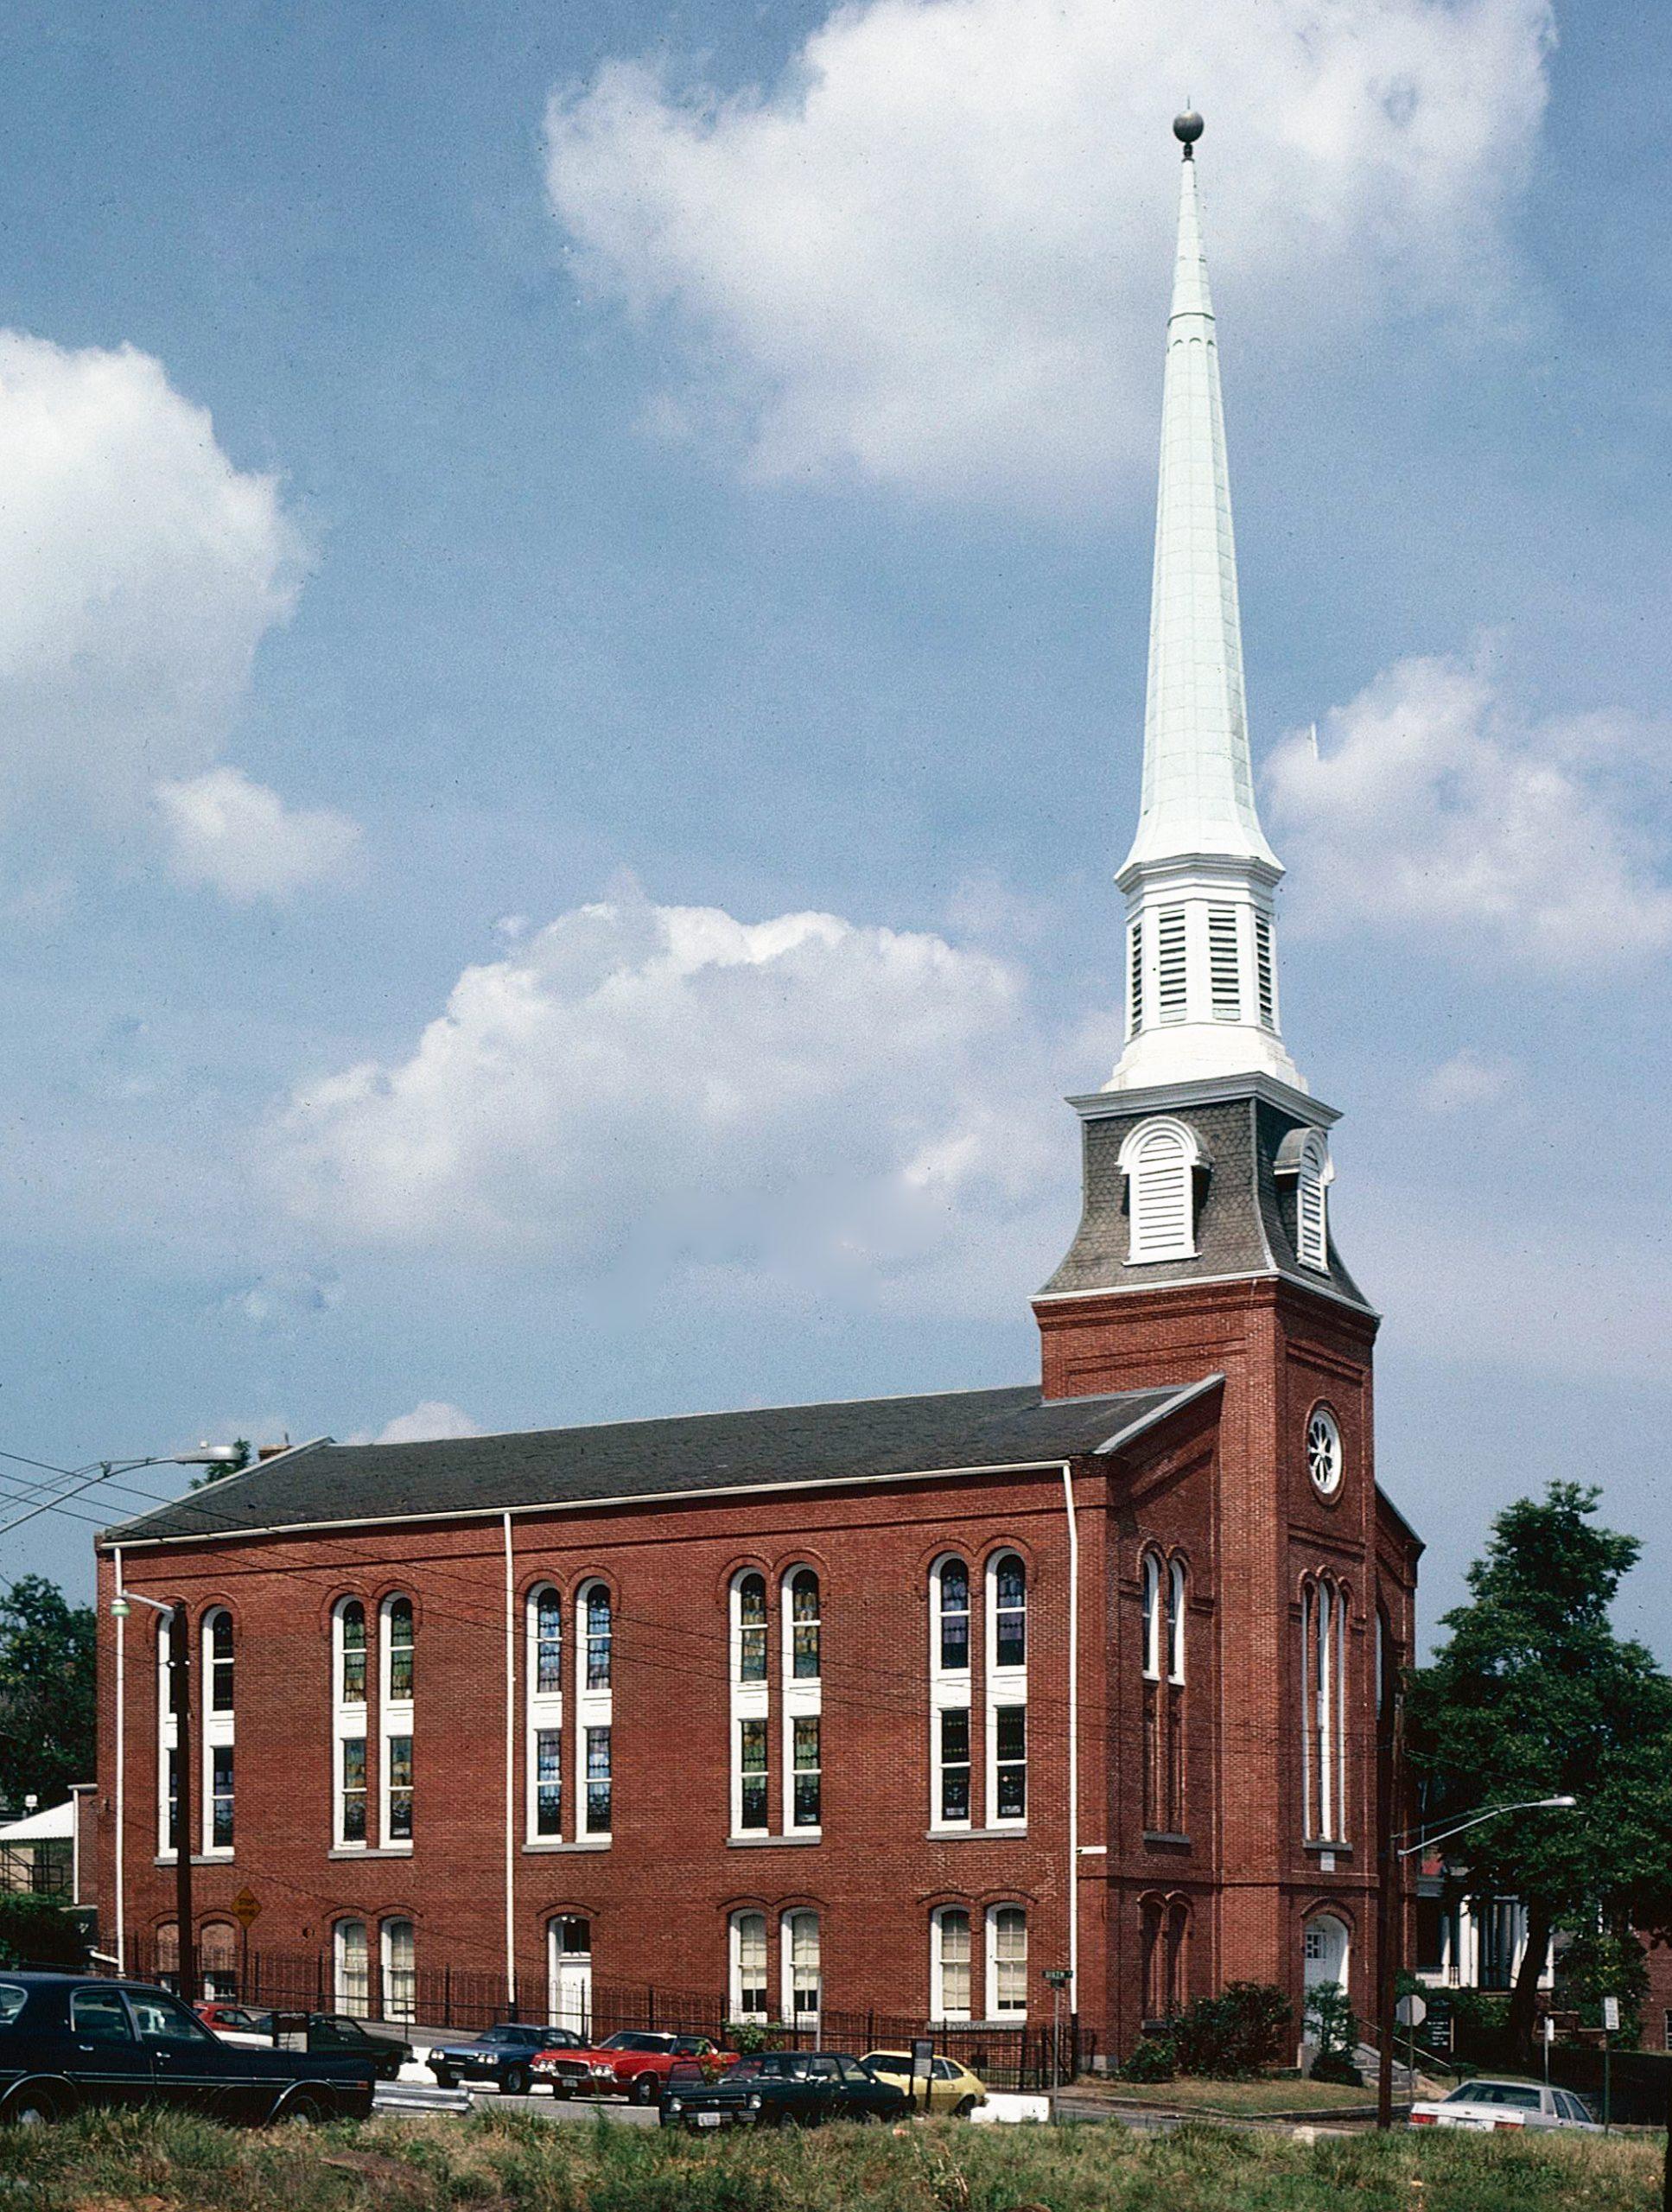 Court Street Baptist Church